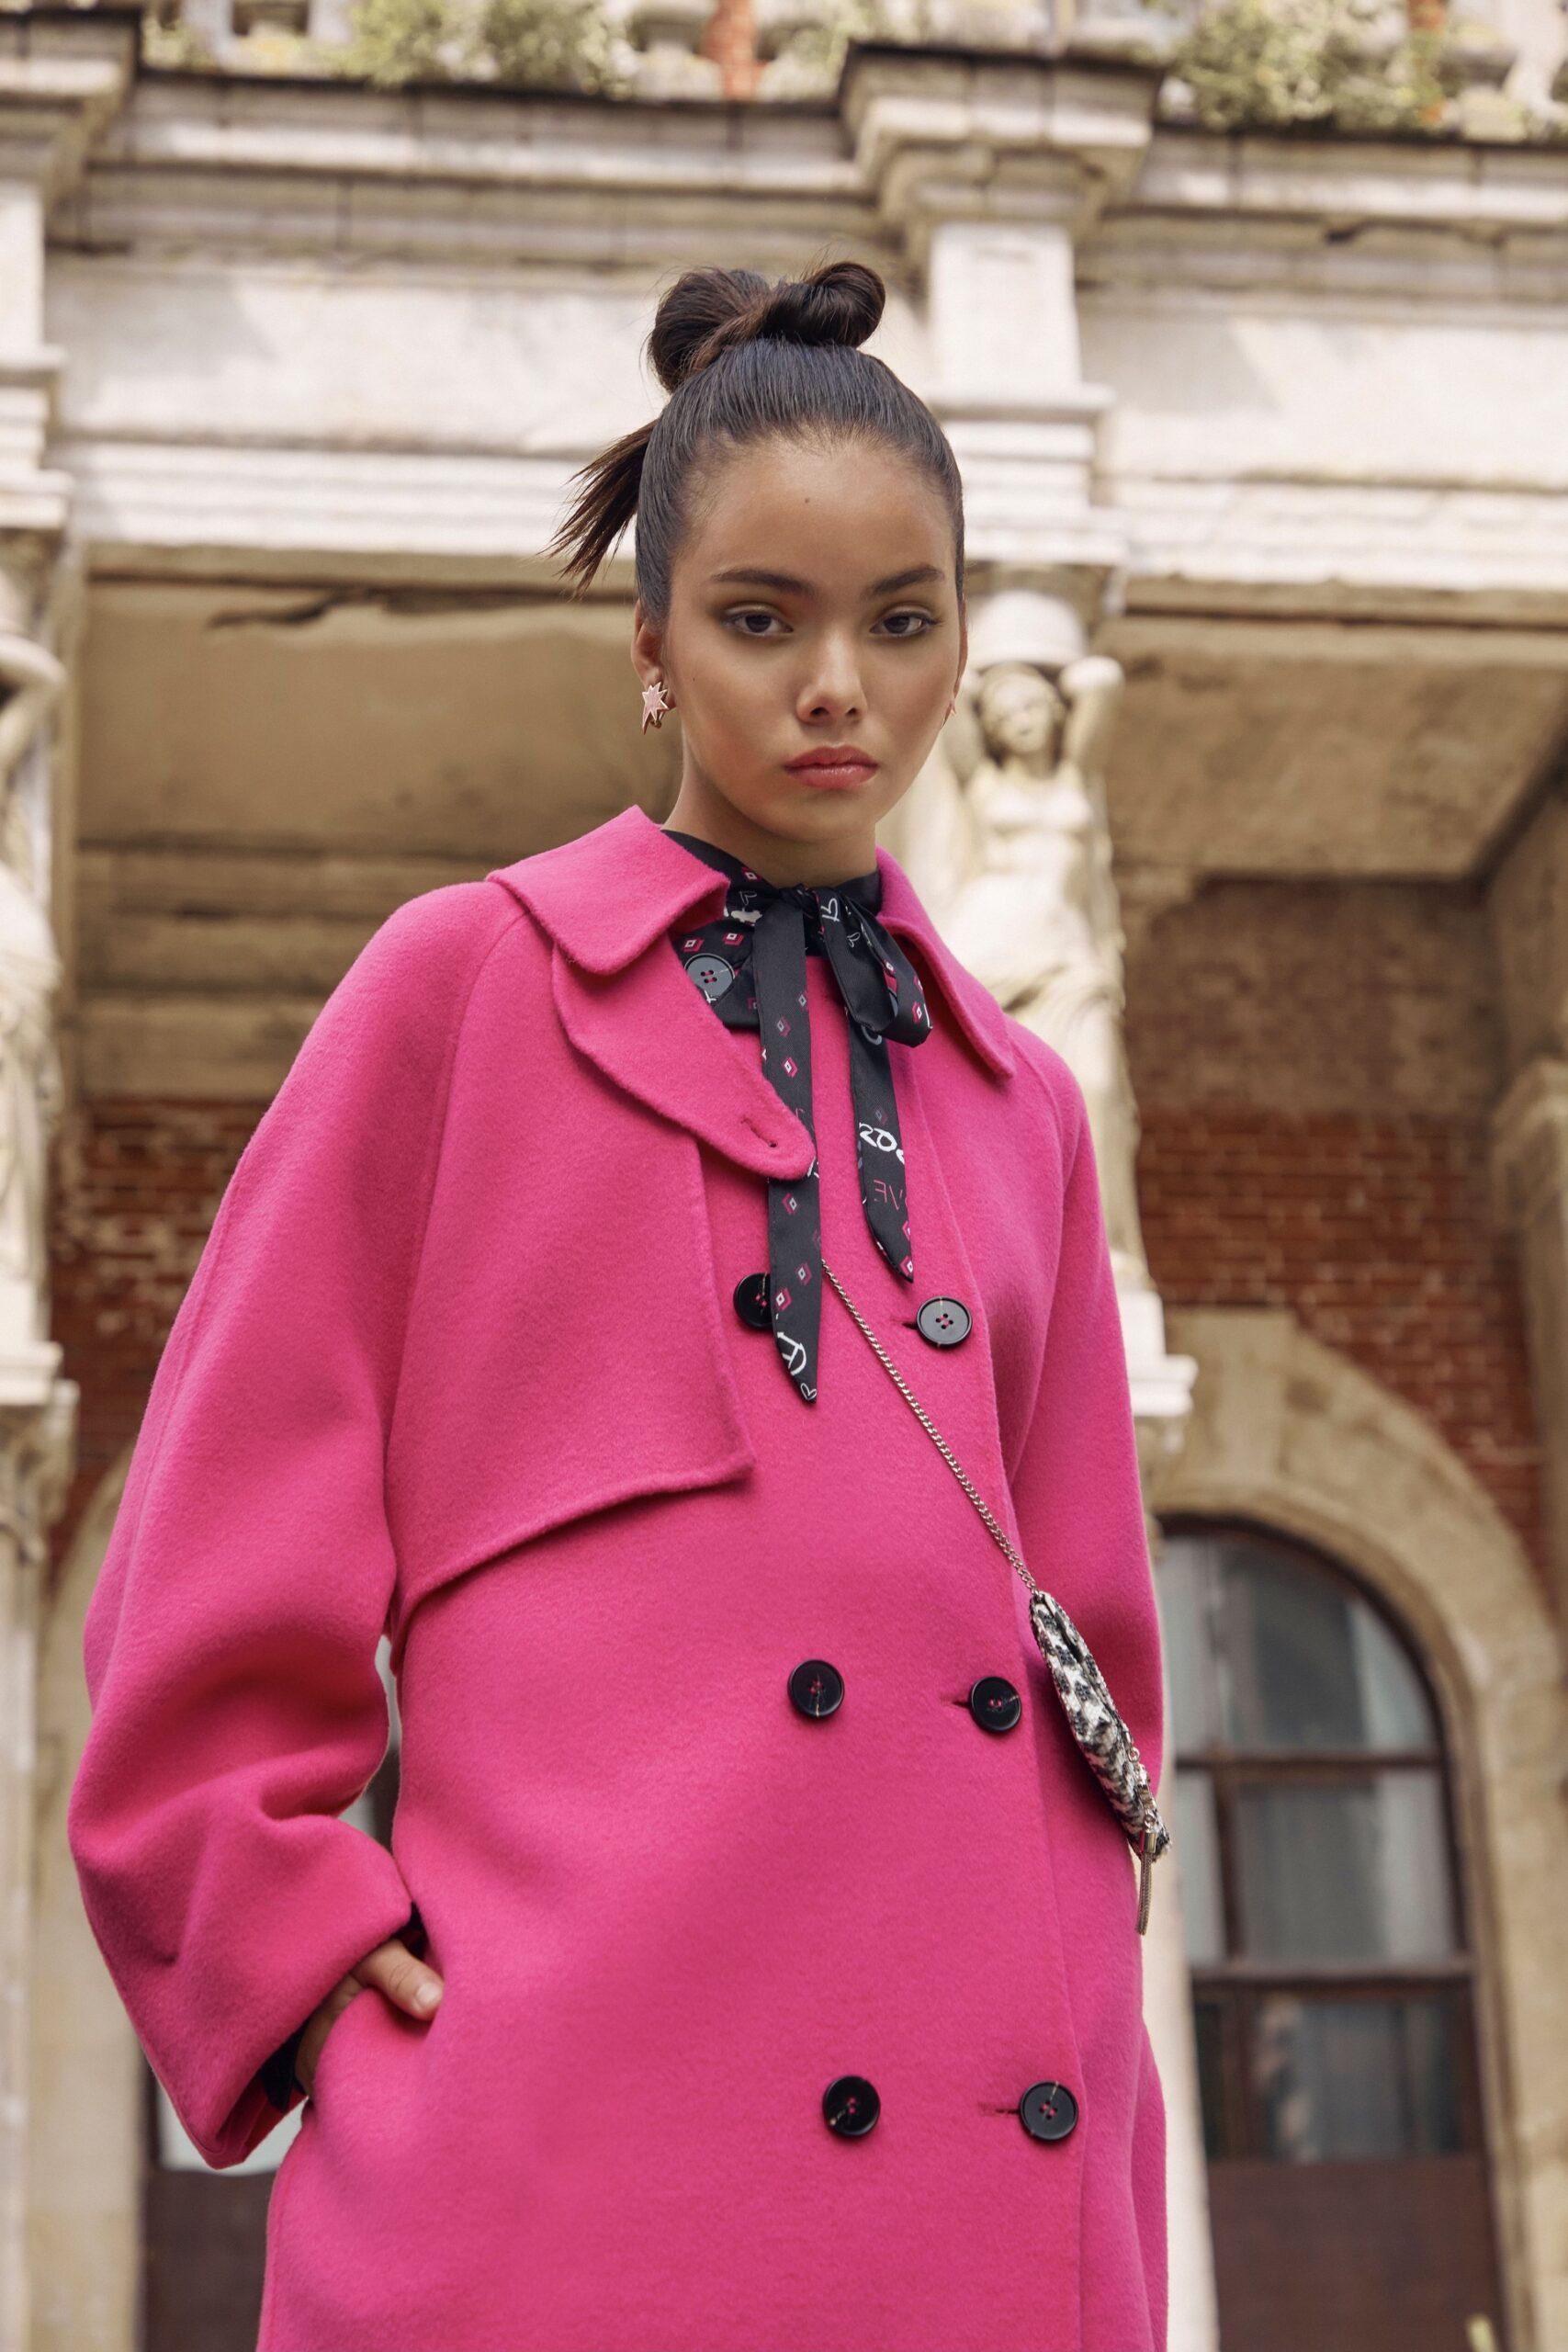 Back to fashion school: Топ-4 тренда подростковой моды, которые мы будем носить в этом сезоне-Фото 2